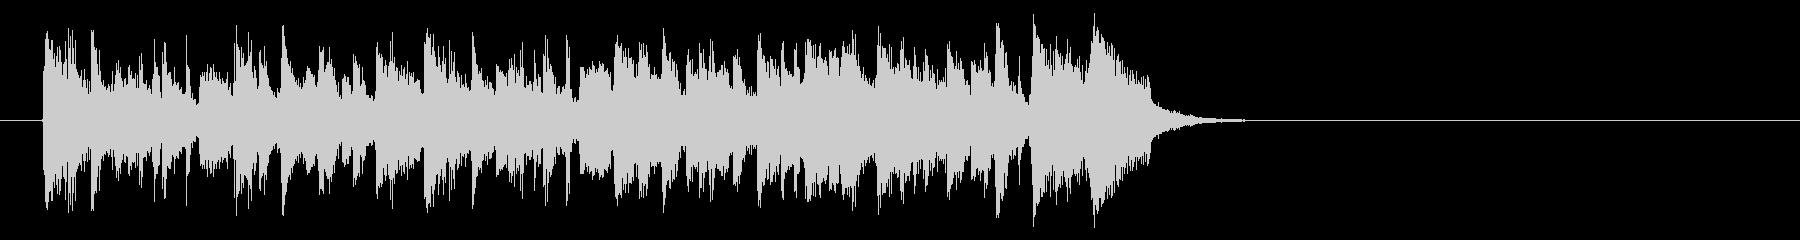 リゾート風なフュージョン(イントロ)の未再生の波形